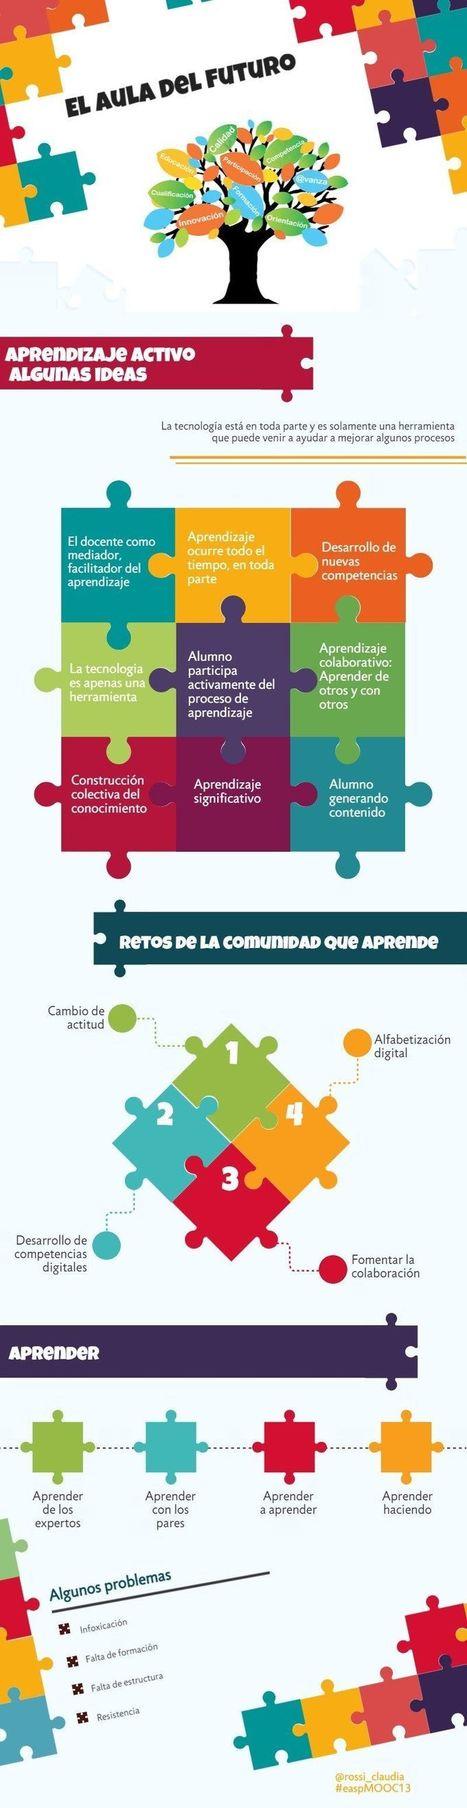 4 Aspectos Importantes sobre el Aula del Futuro | Infografía | Educacion, ecologia y TIC | Scoop.it